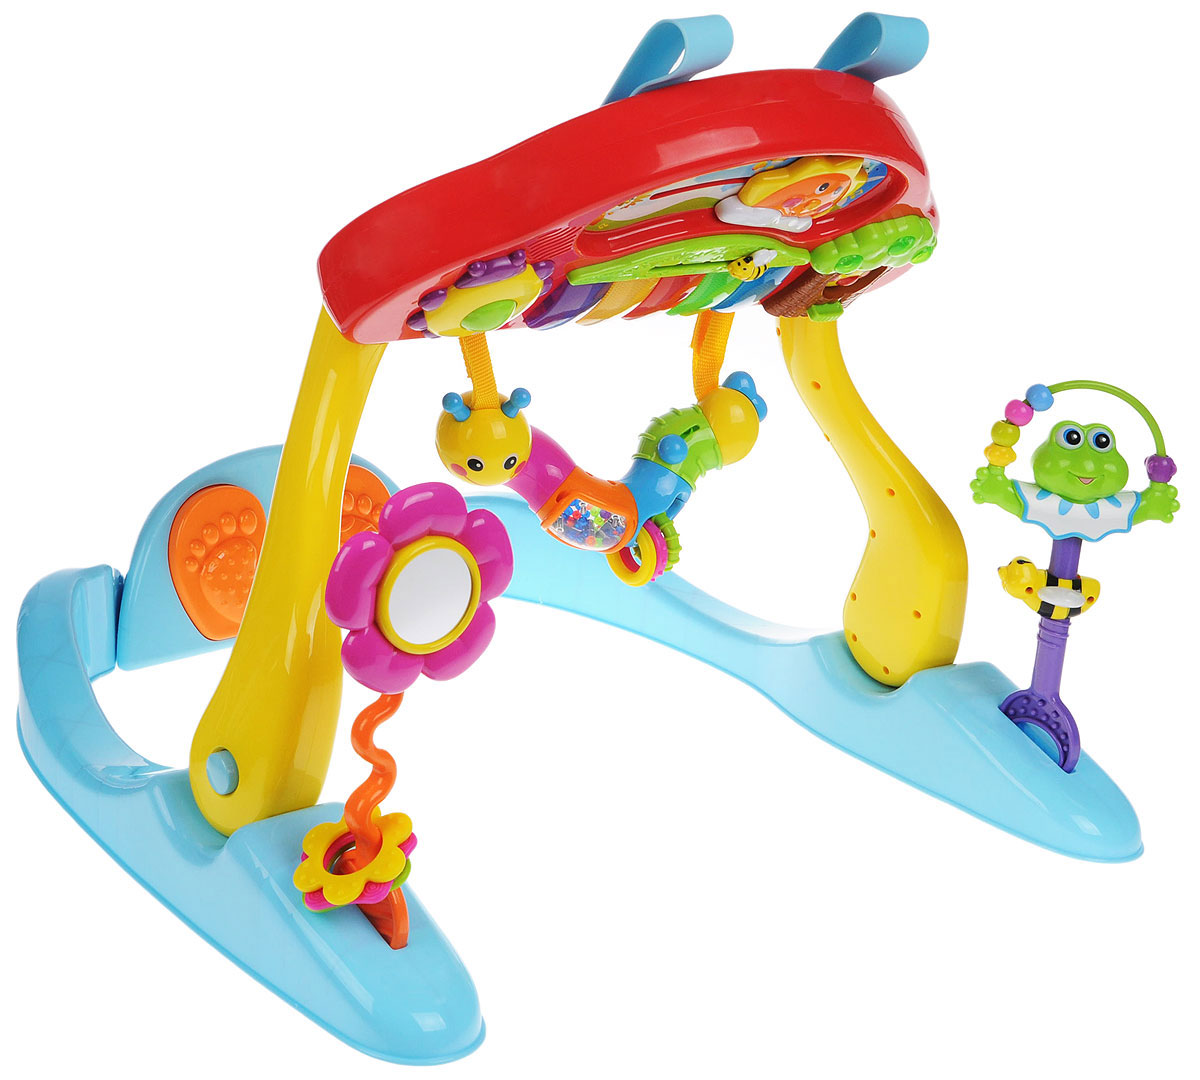 филлипс музыкальный центр Huile Toys Развивающий музыкальный центр Fitness Piano